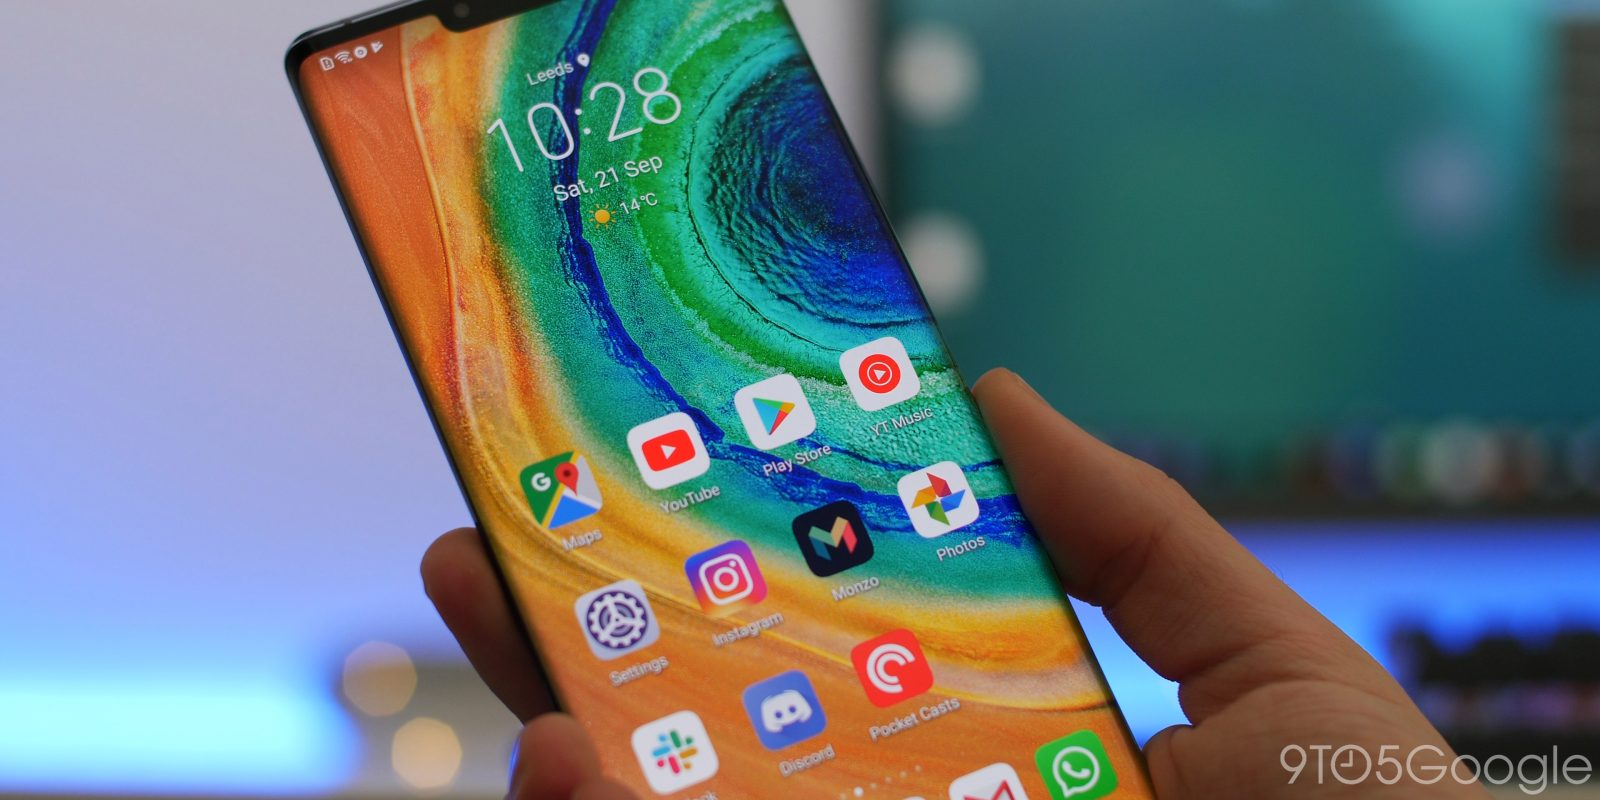 Giải pháp cài đặt ứng dụng và dịch vụ Google cho Huawei Mate 30 hiện không còn hoạt động